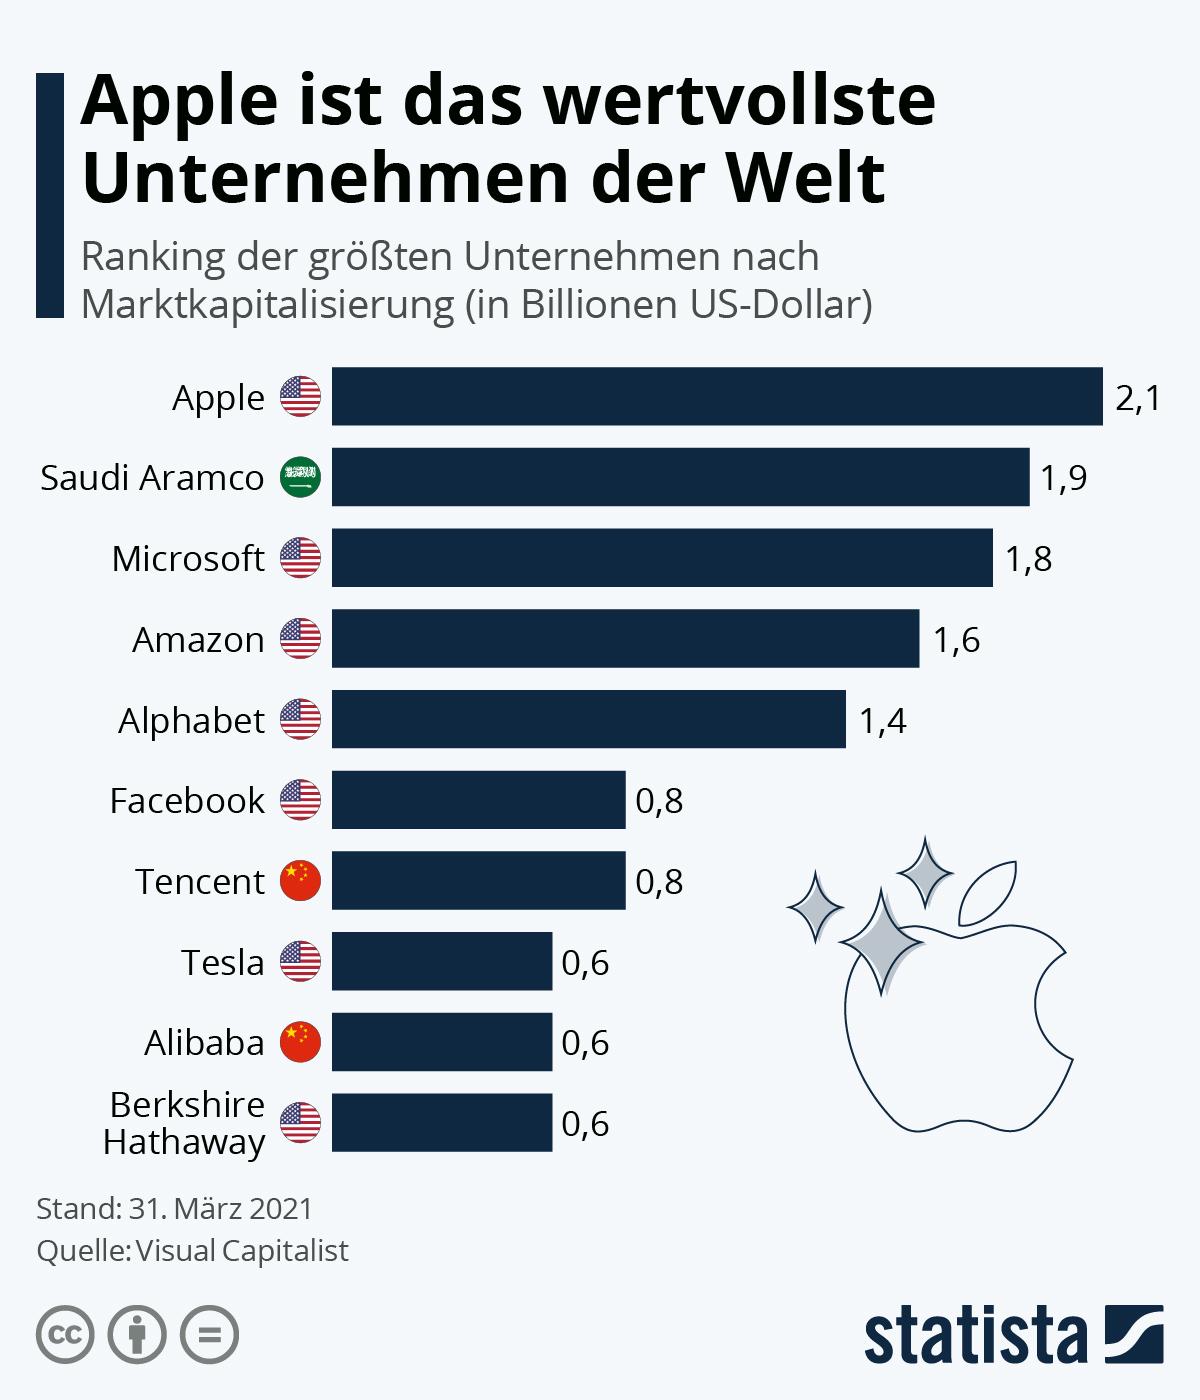 Apple ist das wertvollste Unternehmen der Welt | Statista